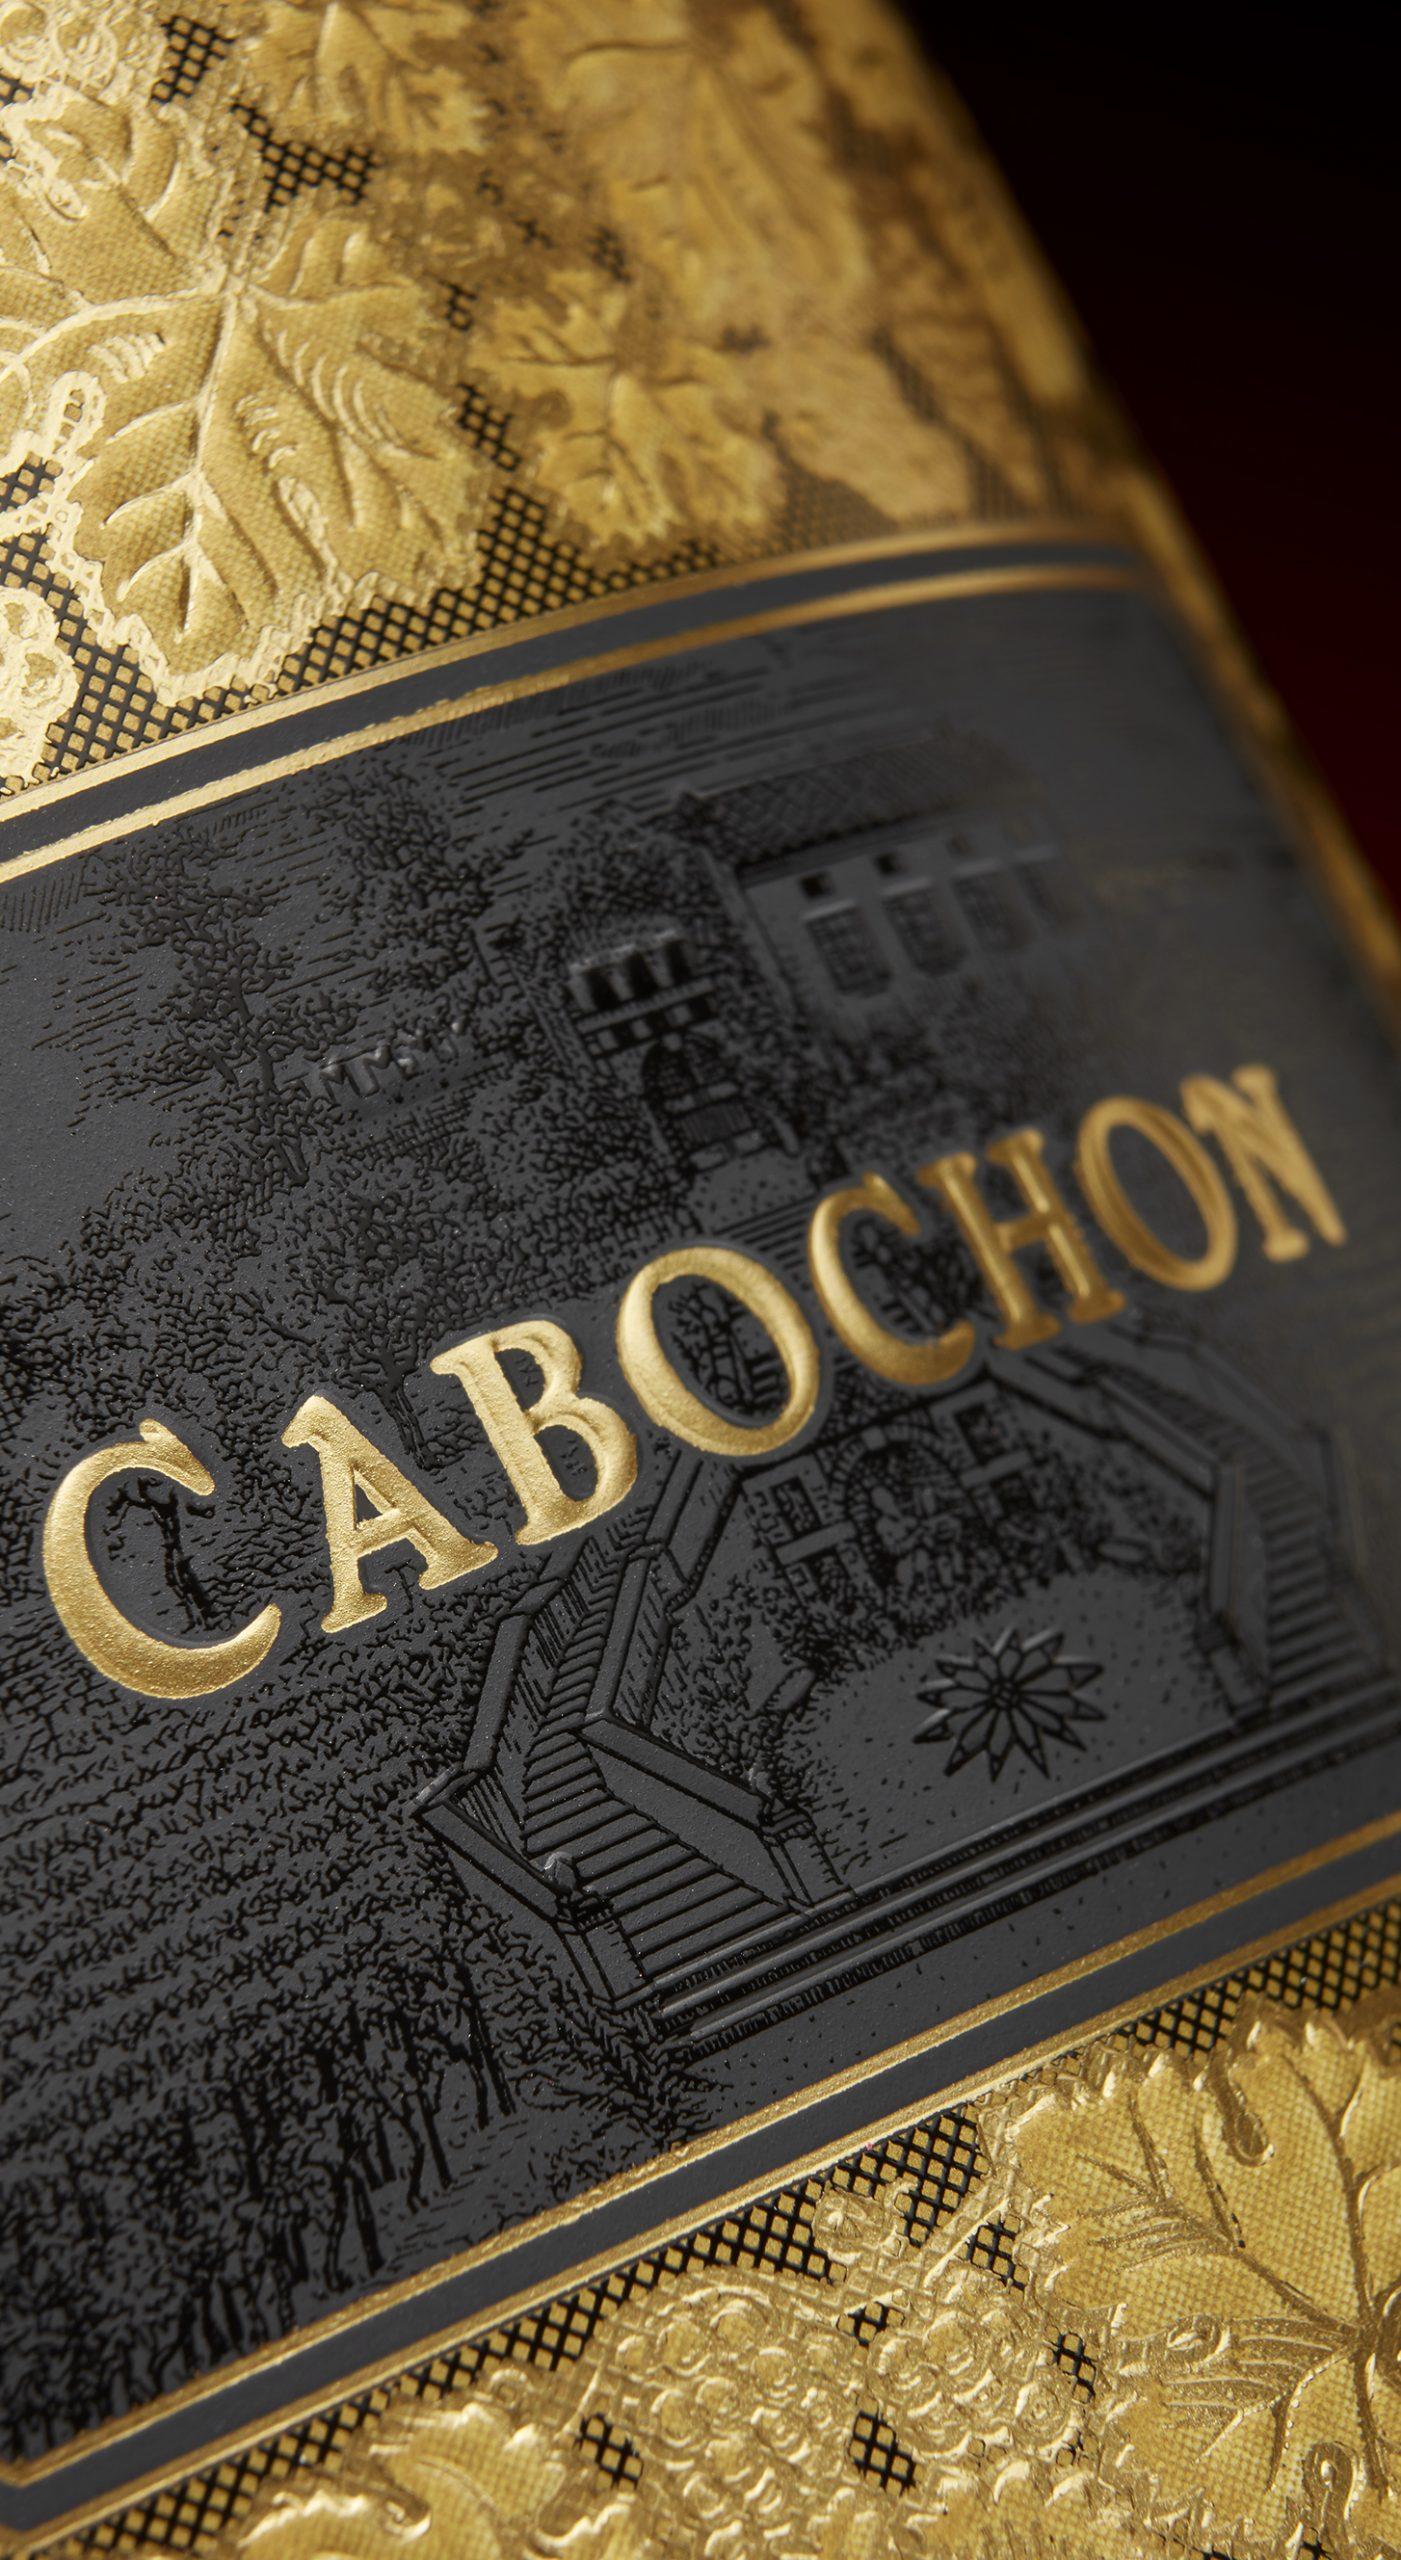 Cabochon Fuoriserie 022